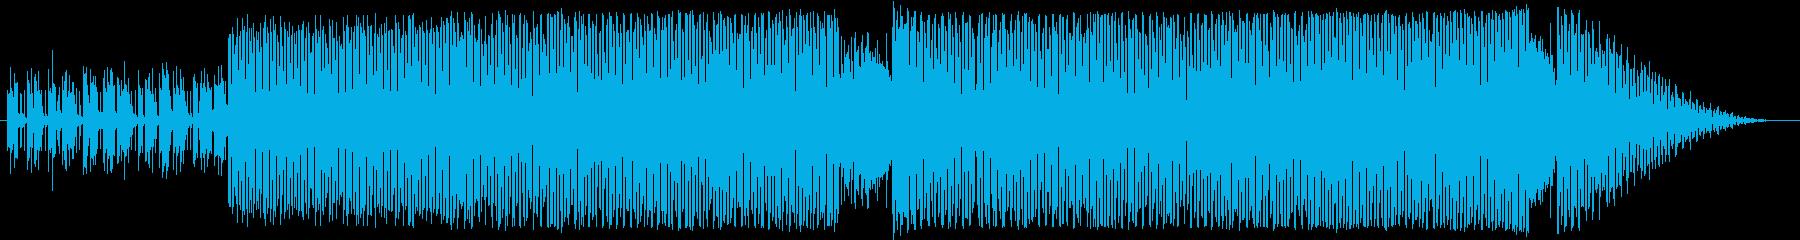 疾走感のあるノリノリテクノ曲の再生済みの波形